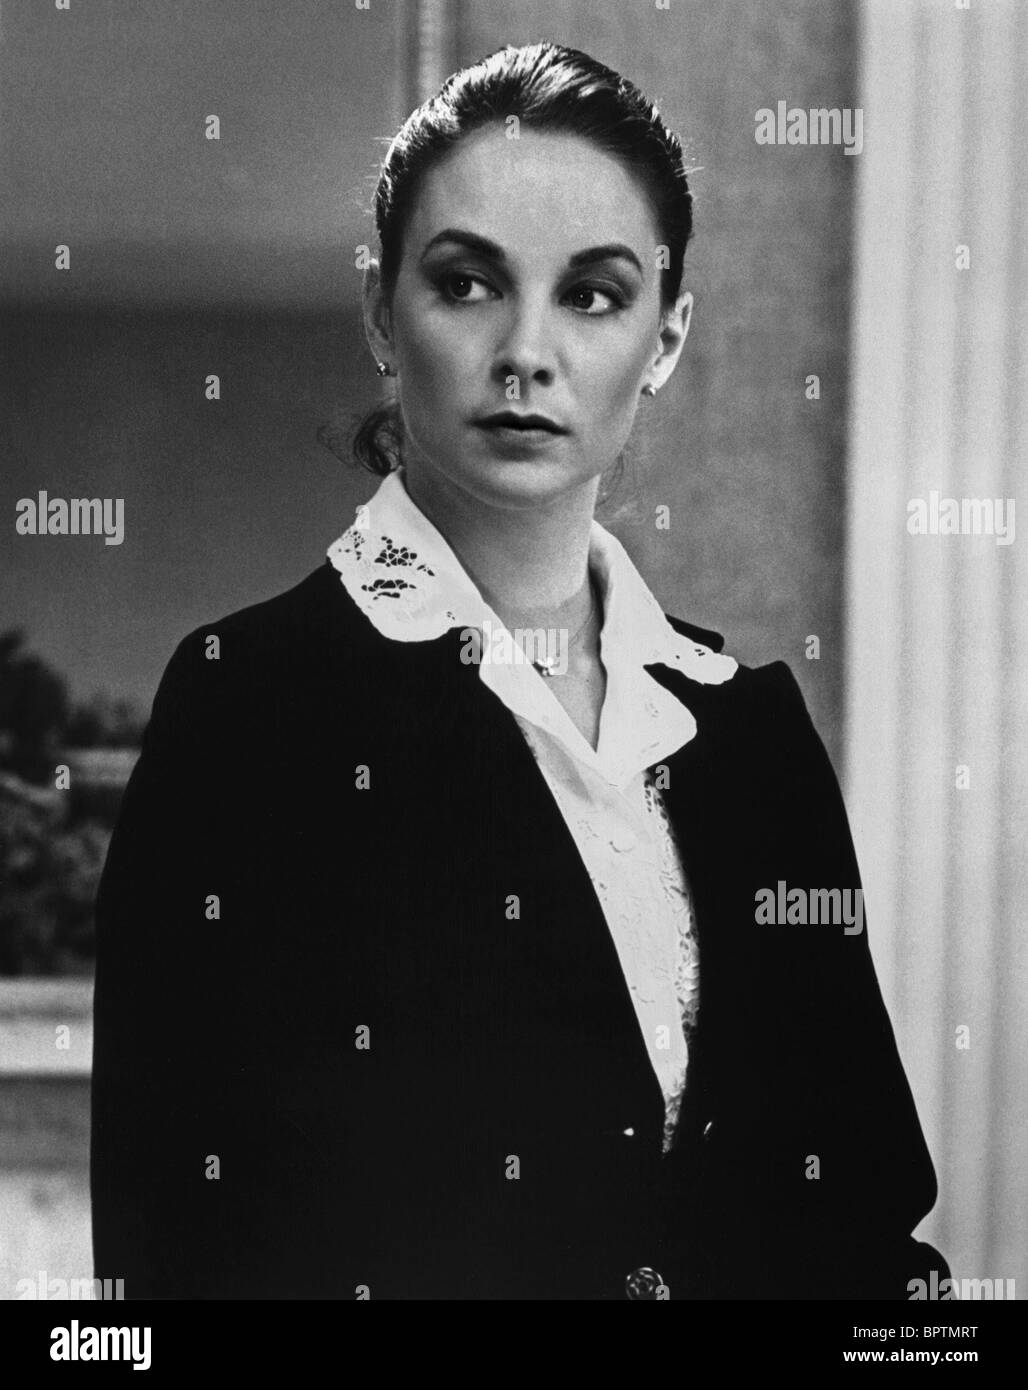 Irma Adlawan (b. 1962)